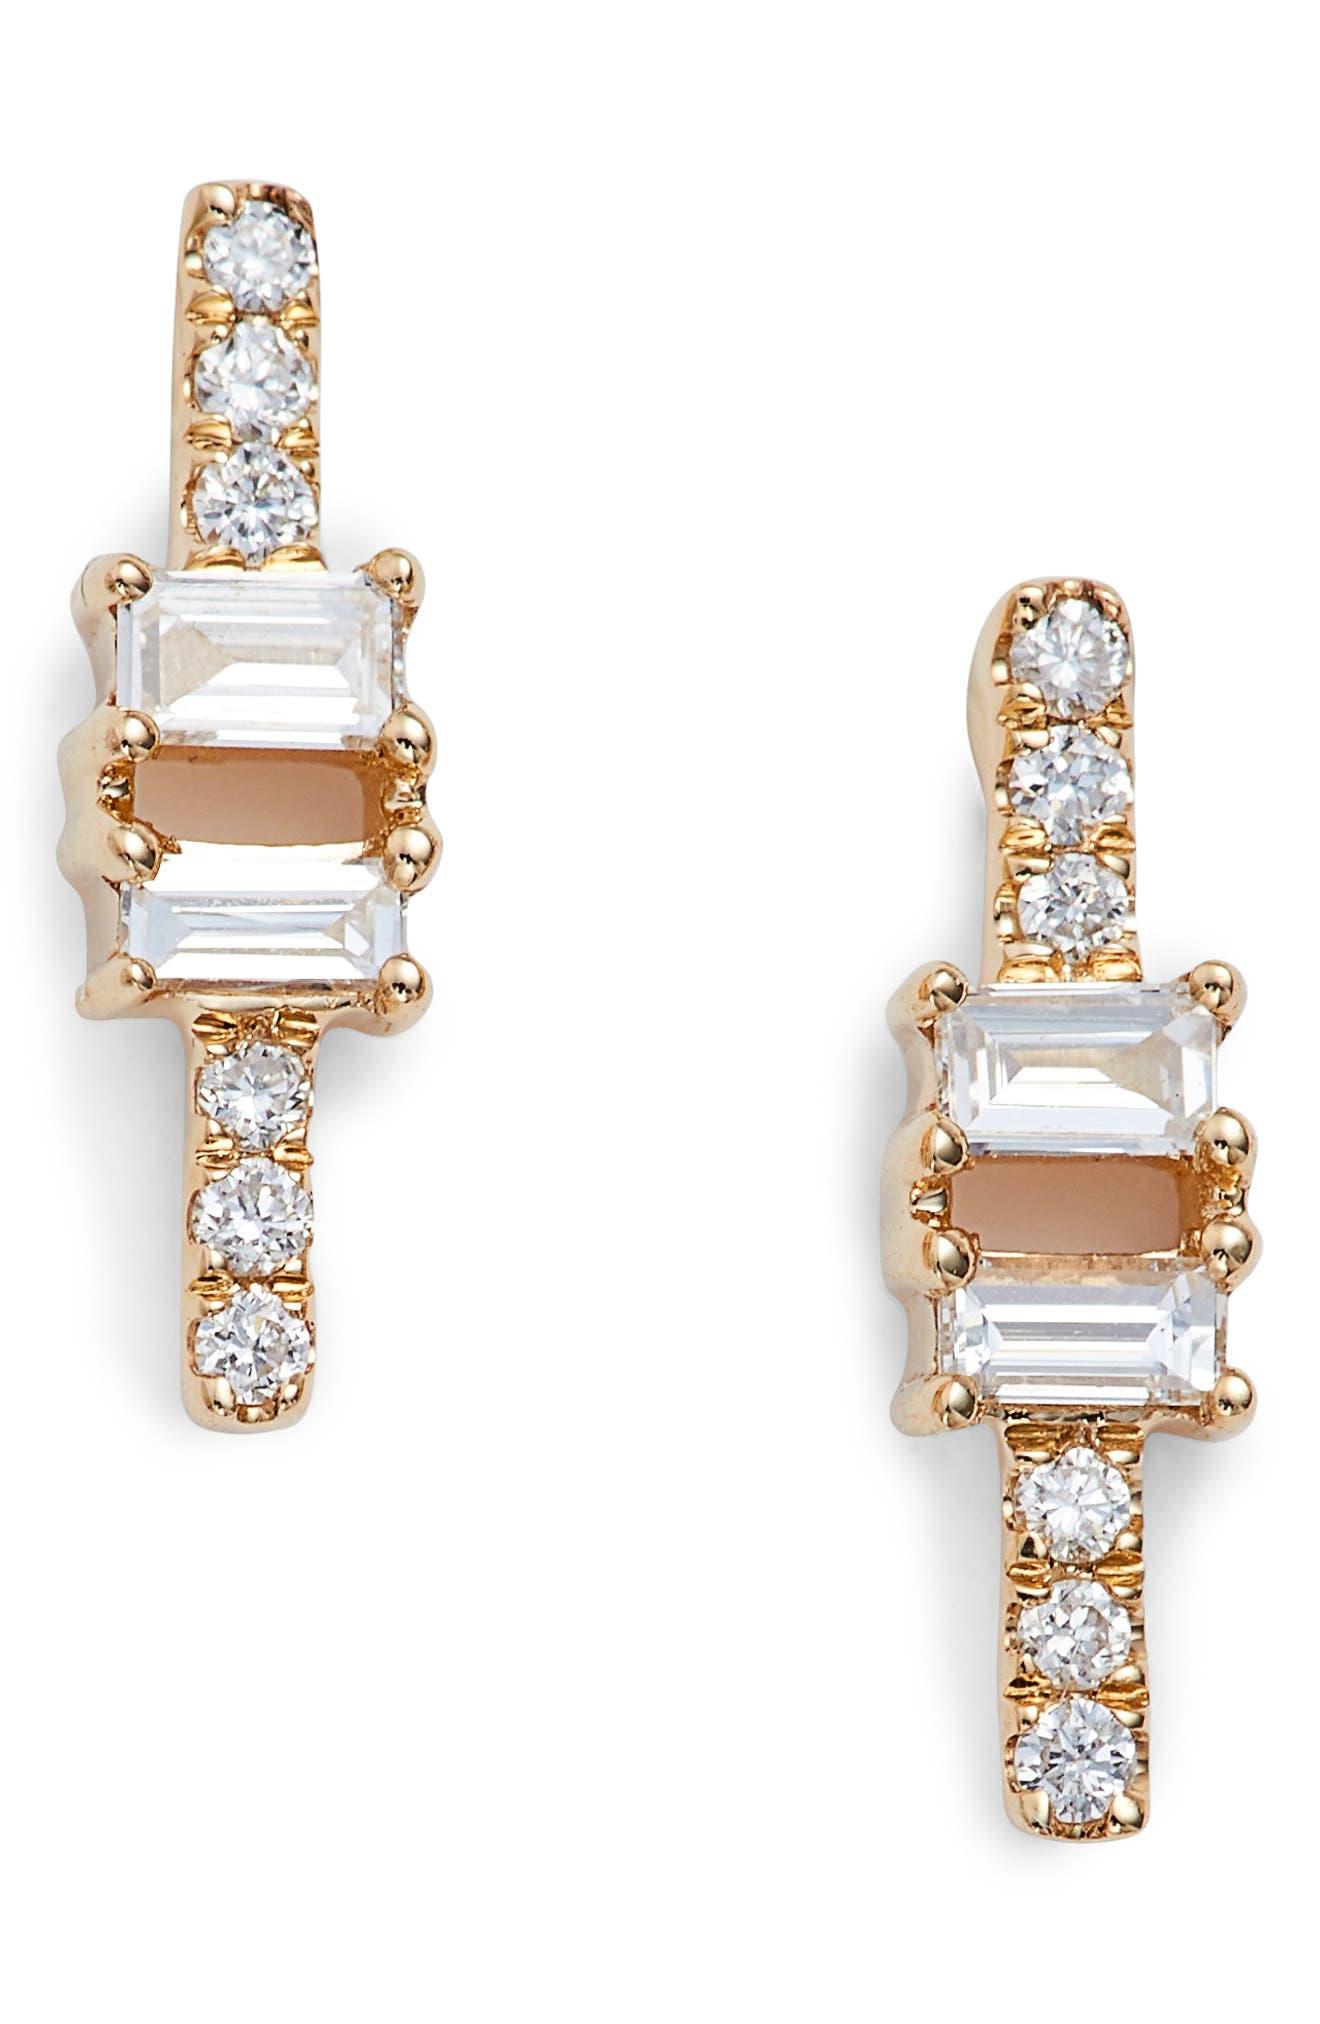 Dana Rebecca Sadie Baguette Bar Stud Earrings,                             Main thumbnail 1, color,                             Yellow Gold